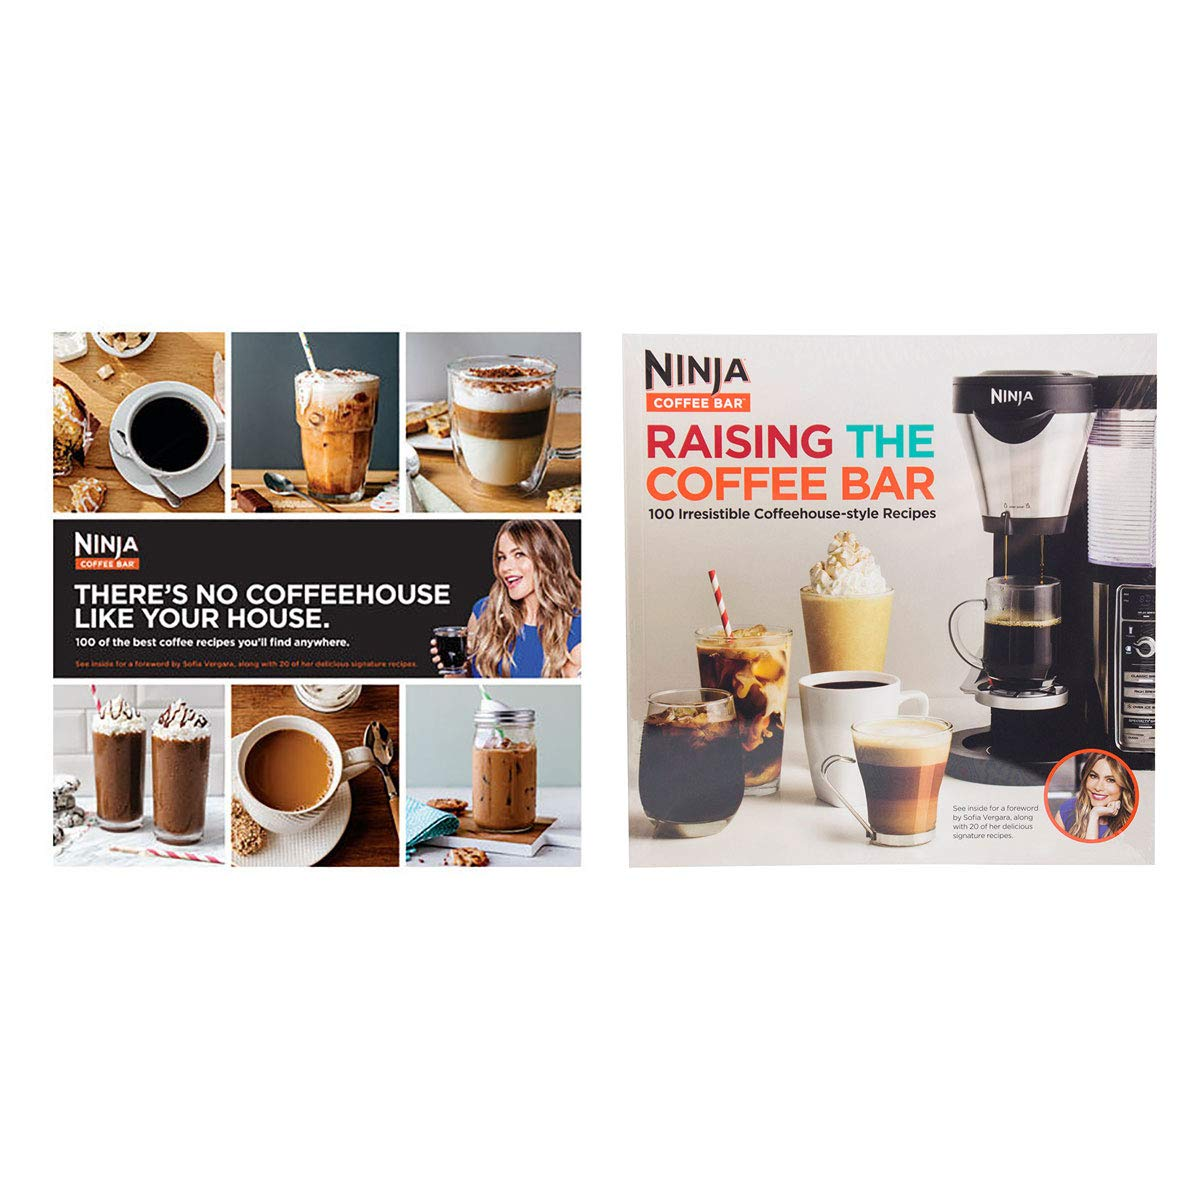 Ninja 100レシピ 飲料&ドリンク クックブック コーヒーバーとメーカー用 (2冊)   B07KRN6WKN